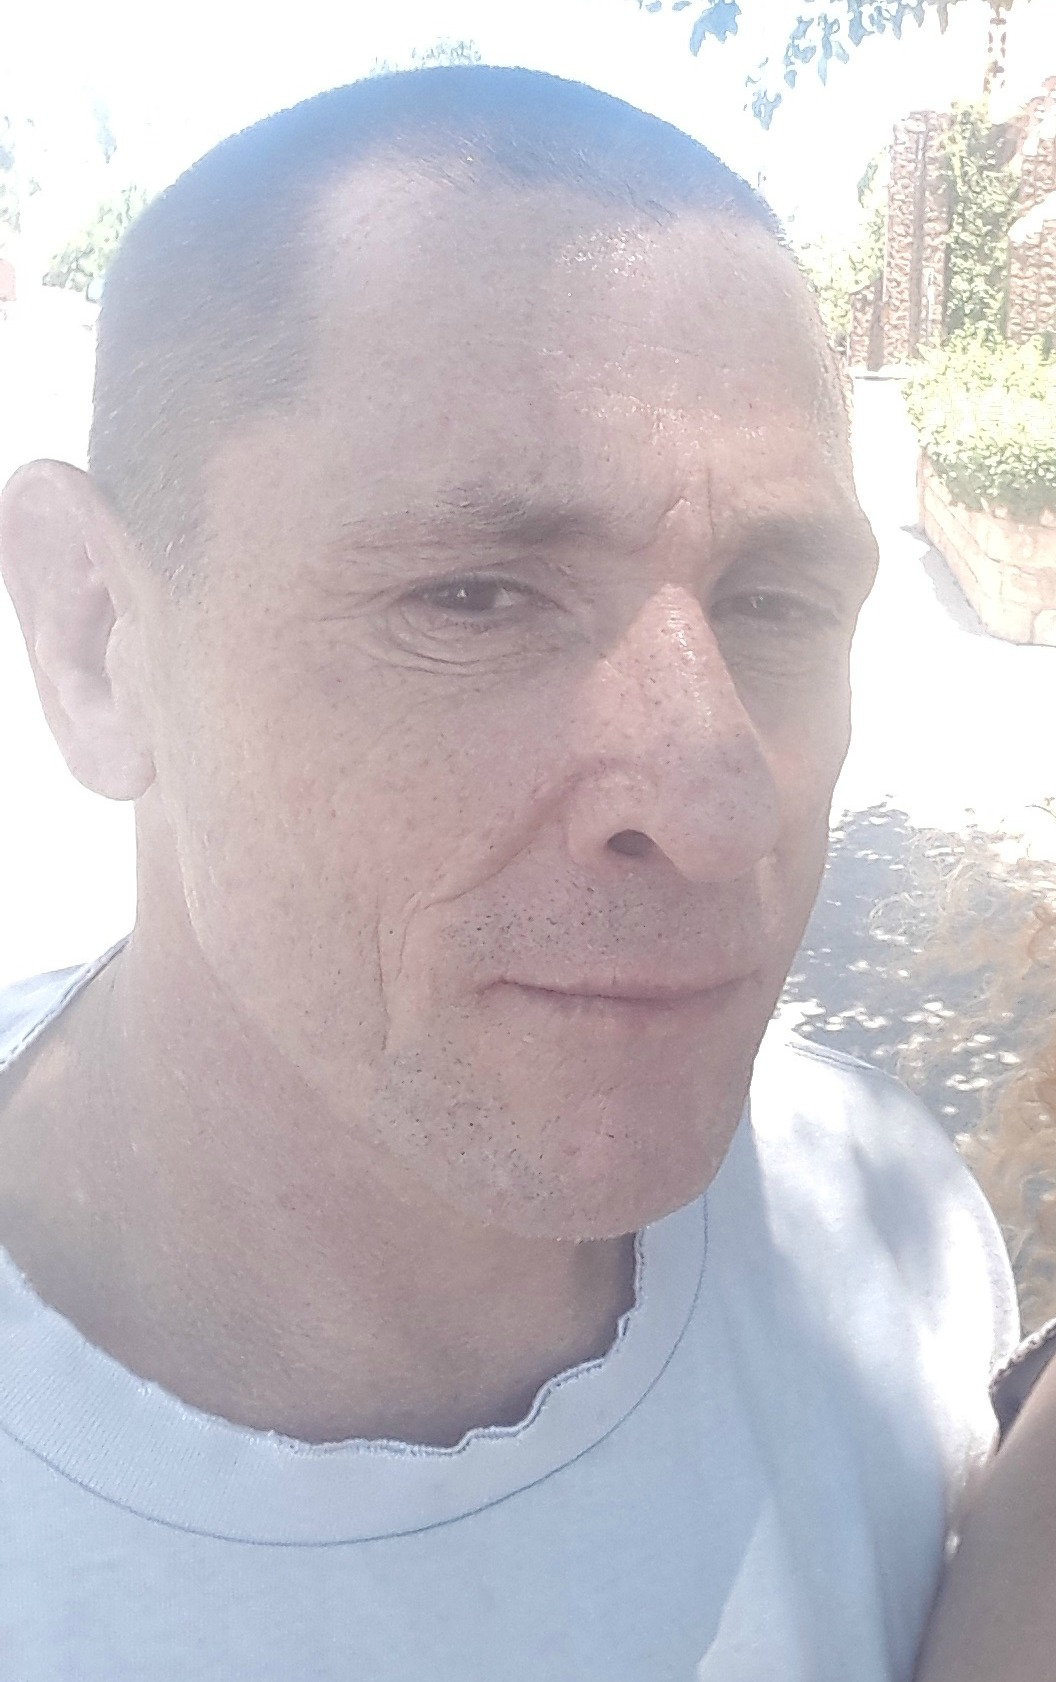 Danial Brian Hurley